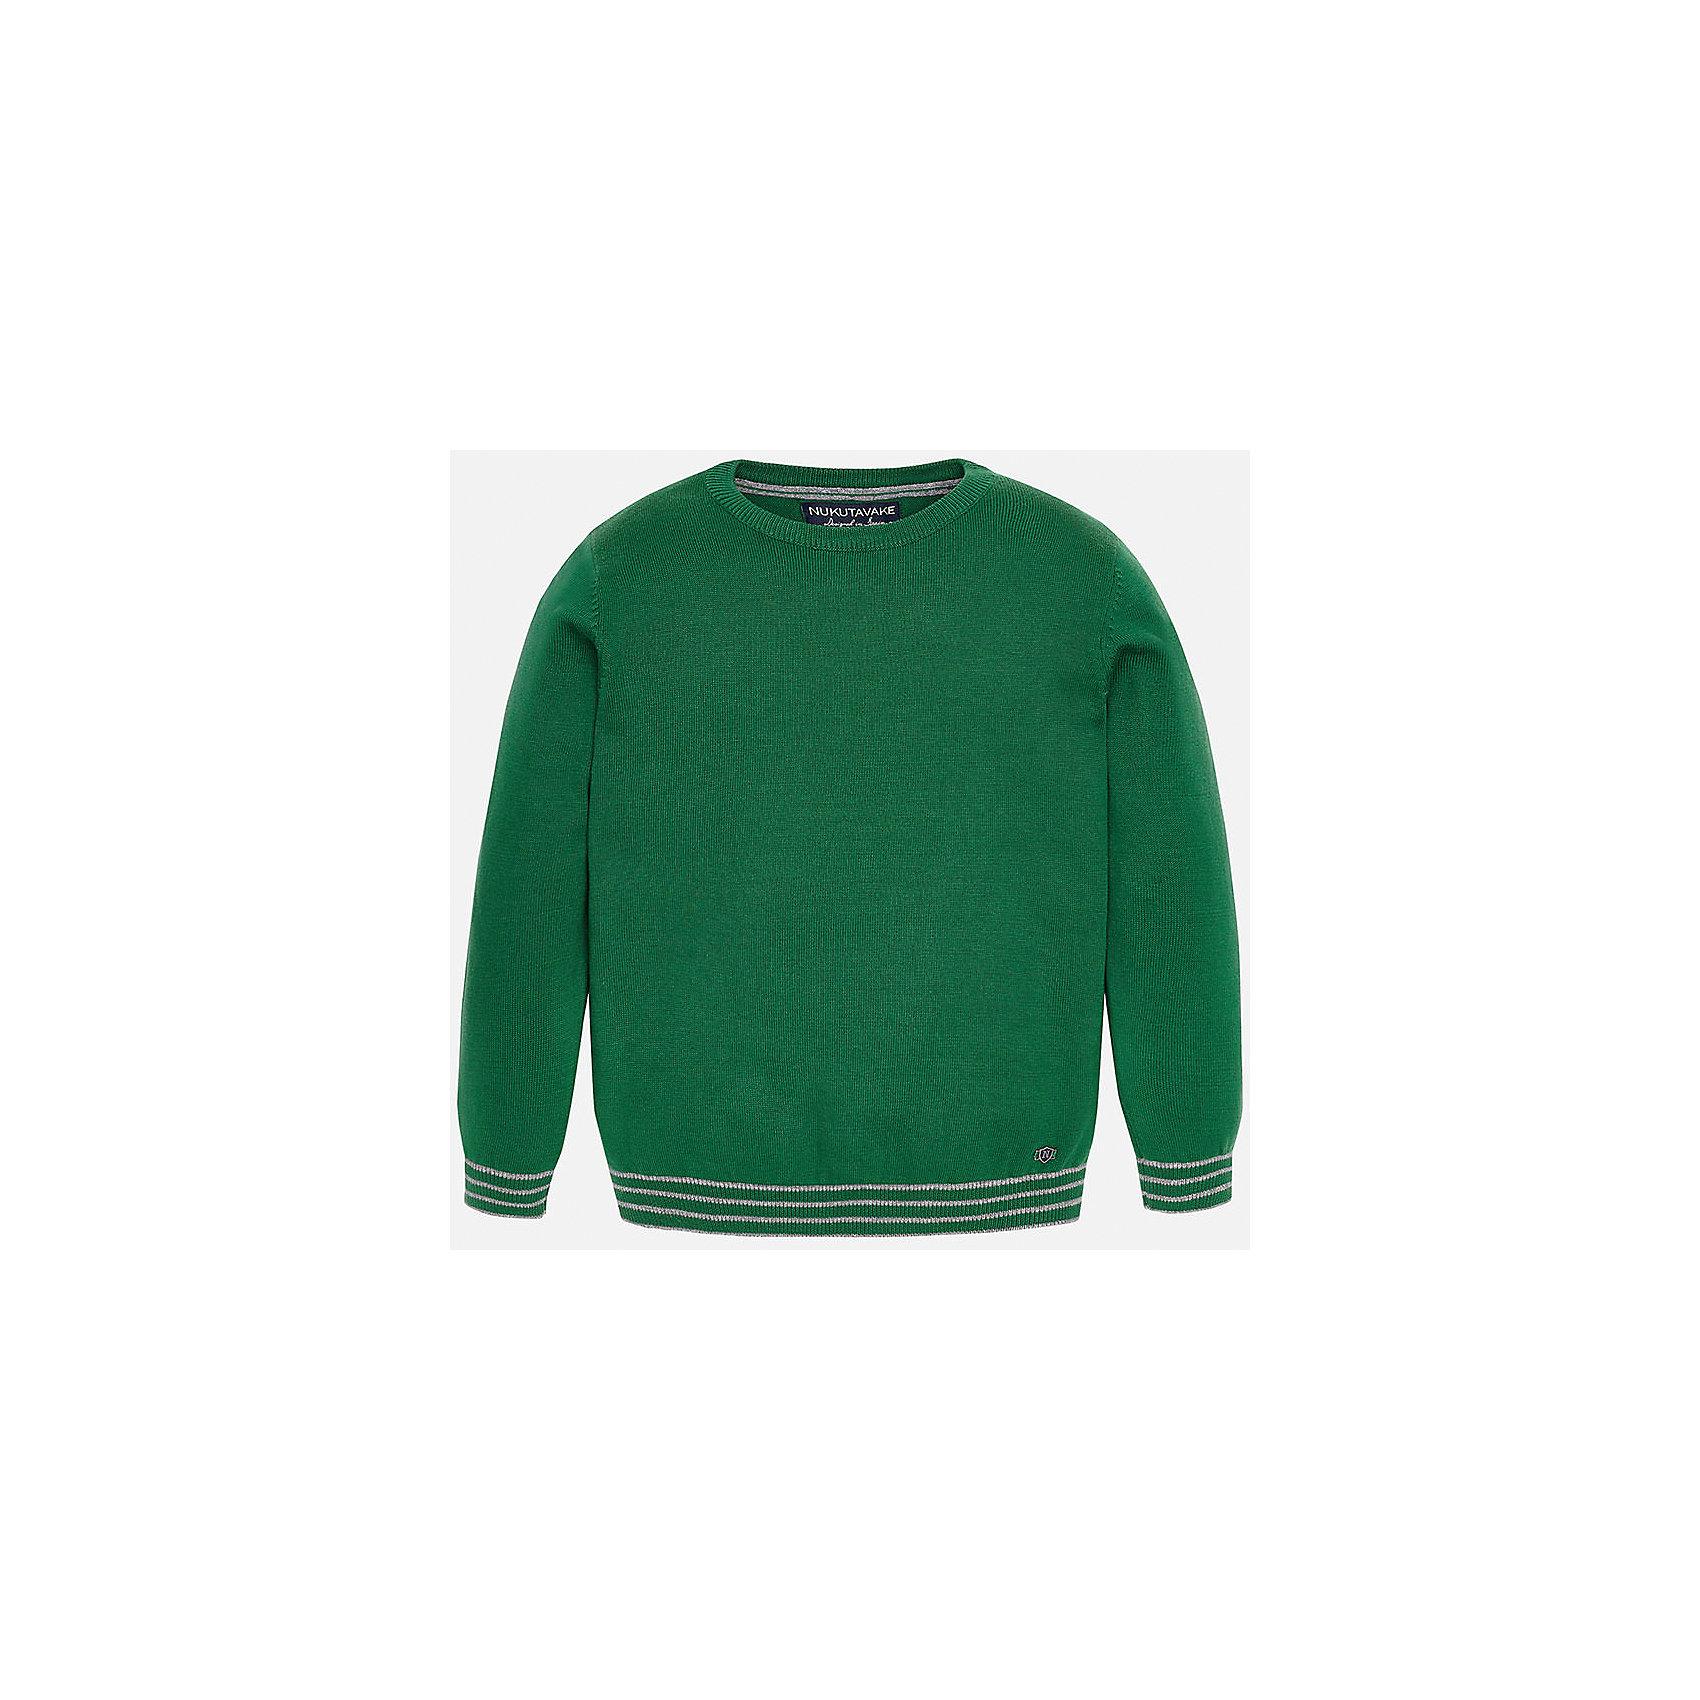 Свитер для мальчика MayoralСвитера и кардиганы<br>Красивый хлопковый свитер, с окантовкой внизу в виде трех серых полосок. Свитер хорошо садится и не тянется со временем.<br><br>Дополнительная информация:<br><br>- Прямой крой. <br>- Страна бренда: Испания.<br>- Состав: хлопок 100%<br>- Цвет: зеленый.<br>- Уход: бережная стирка при 30 градусах.<br><br>Купить свитер для мальчика Mayoral можно в нашем магазине.<br><br>Ширина мм: 190<br>Глубина мм: 74<br>Высота мм: 229<br>Вес г: 236<br>Цвет: зеленый<br>Возраст от месяцев: 96<br>Возраст до месяцев: 108<br>Пол: Мужской<br>Возраст: Детский<br>Размер: 128/134,158/164,164/170,152/158,146/152,134/140<br>SKU: 4821732